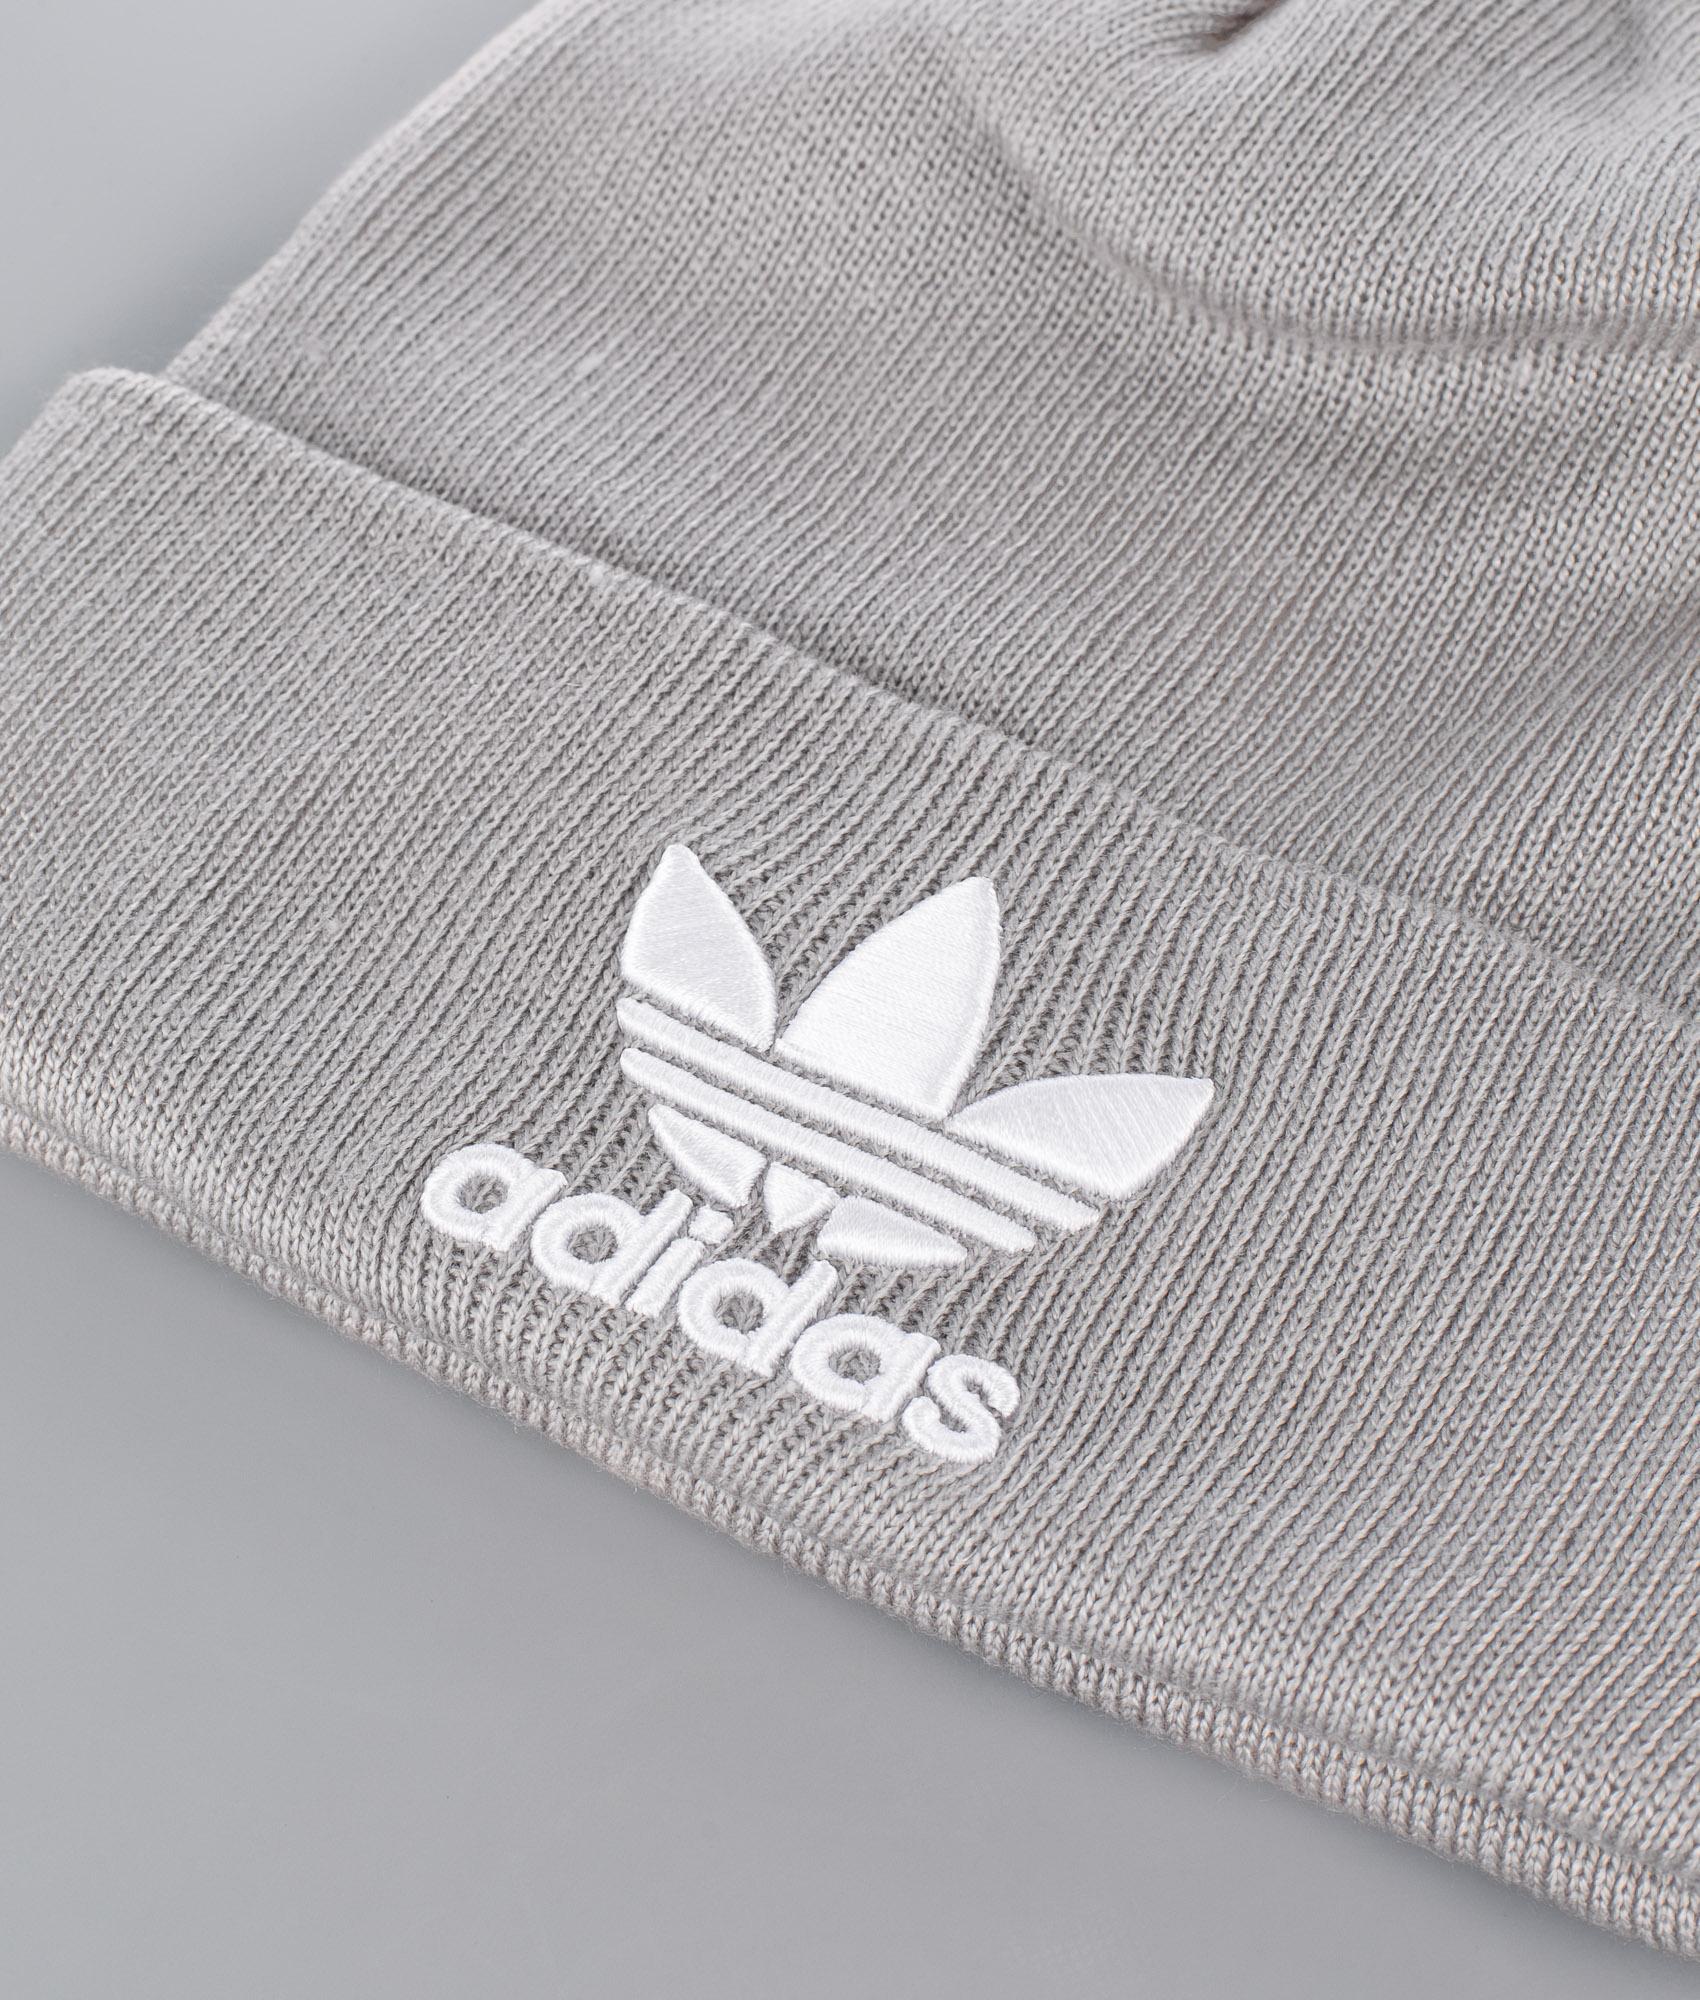 Mütze Grey Solid Mgh ch Ridestore Originals Trefoil Adidas OEAqpzZZ